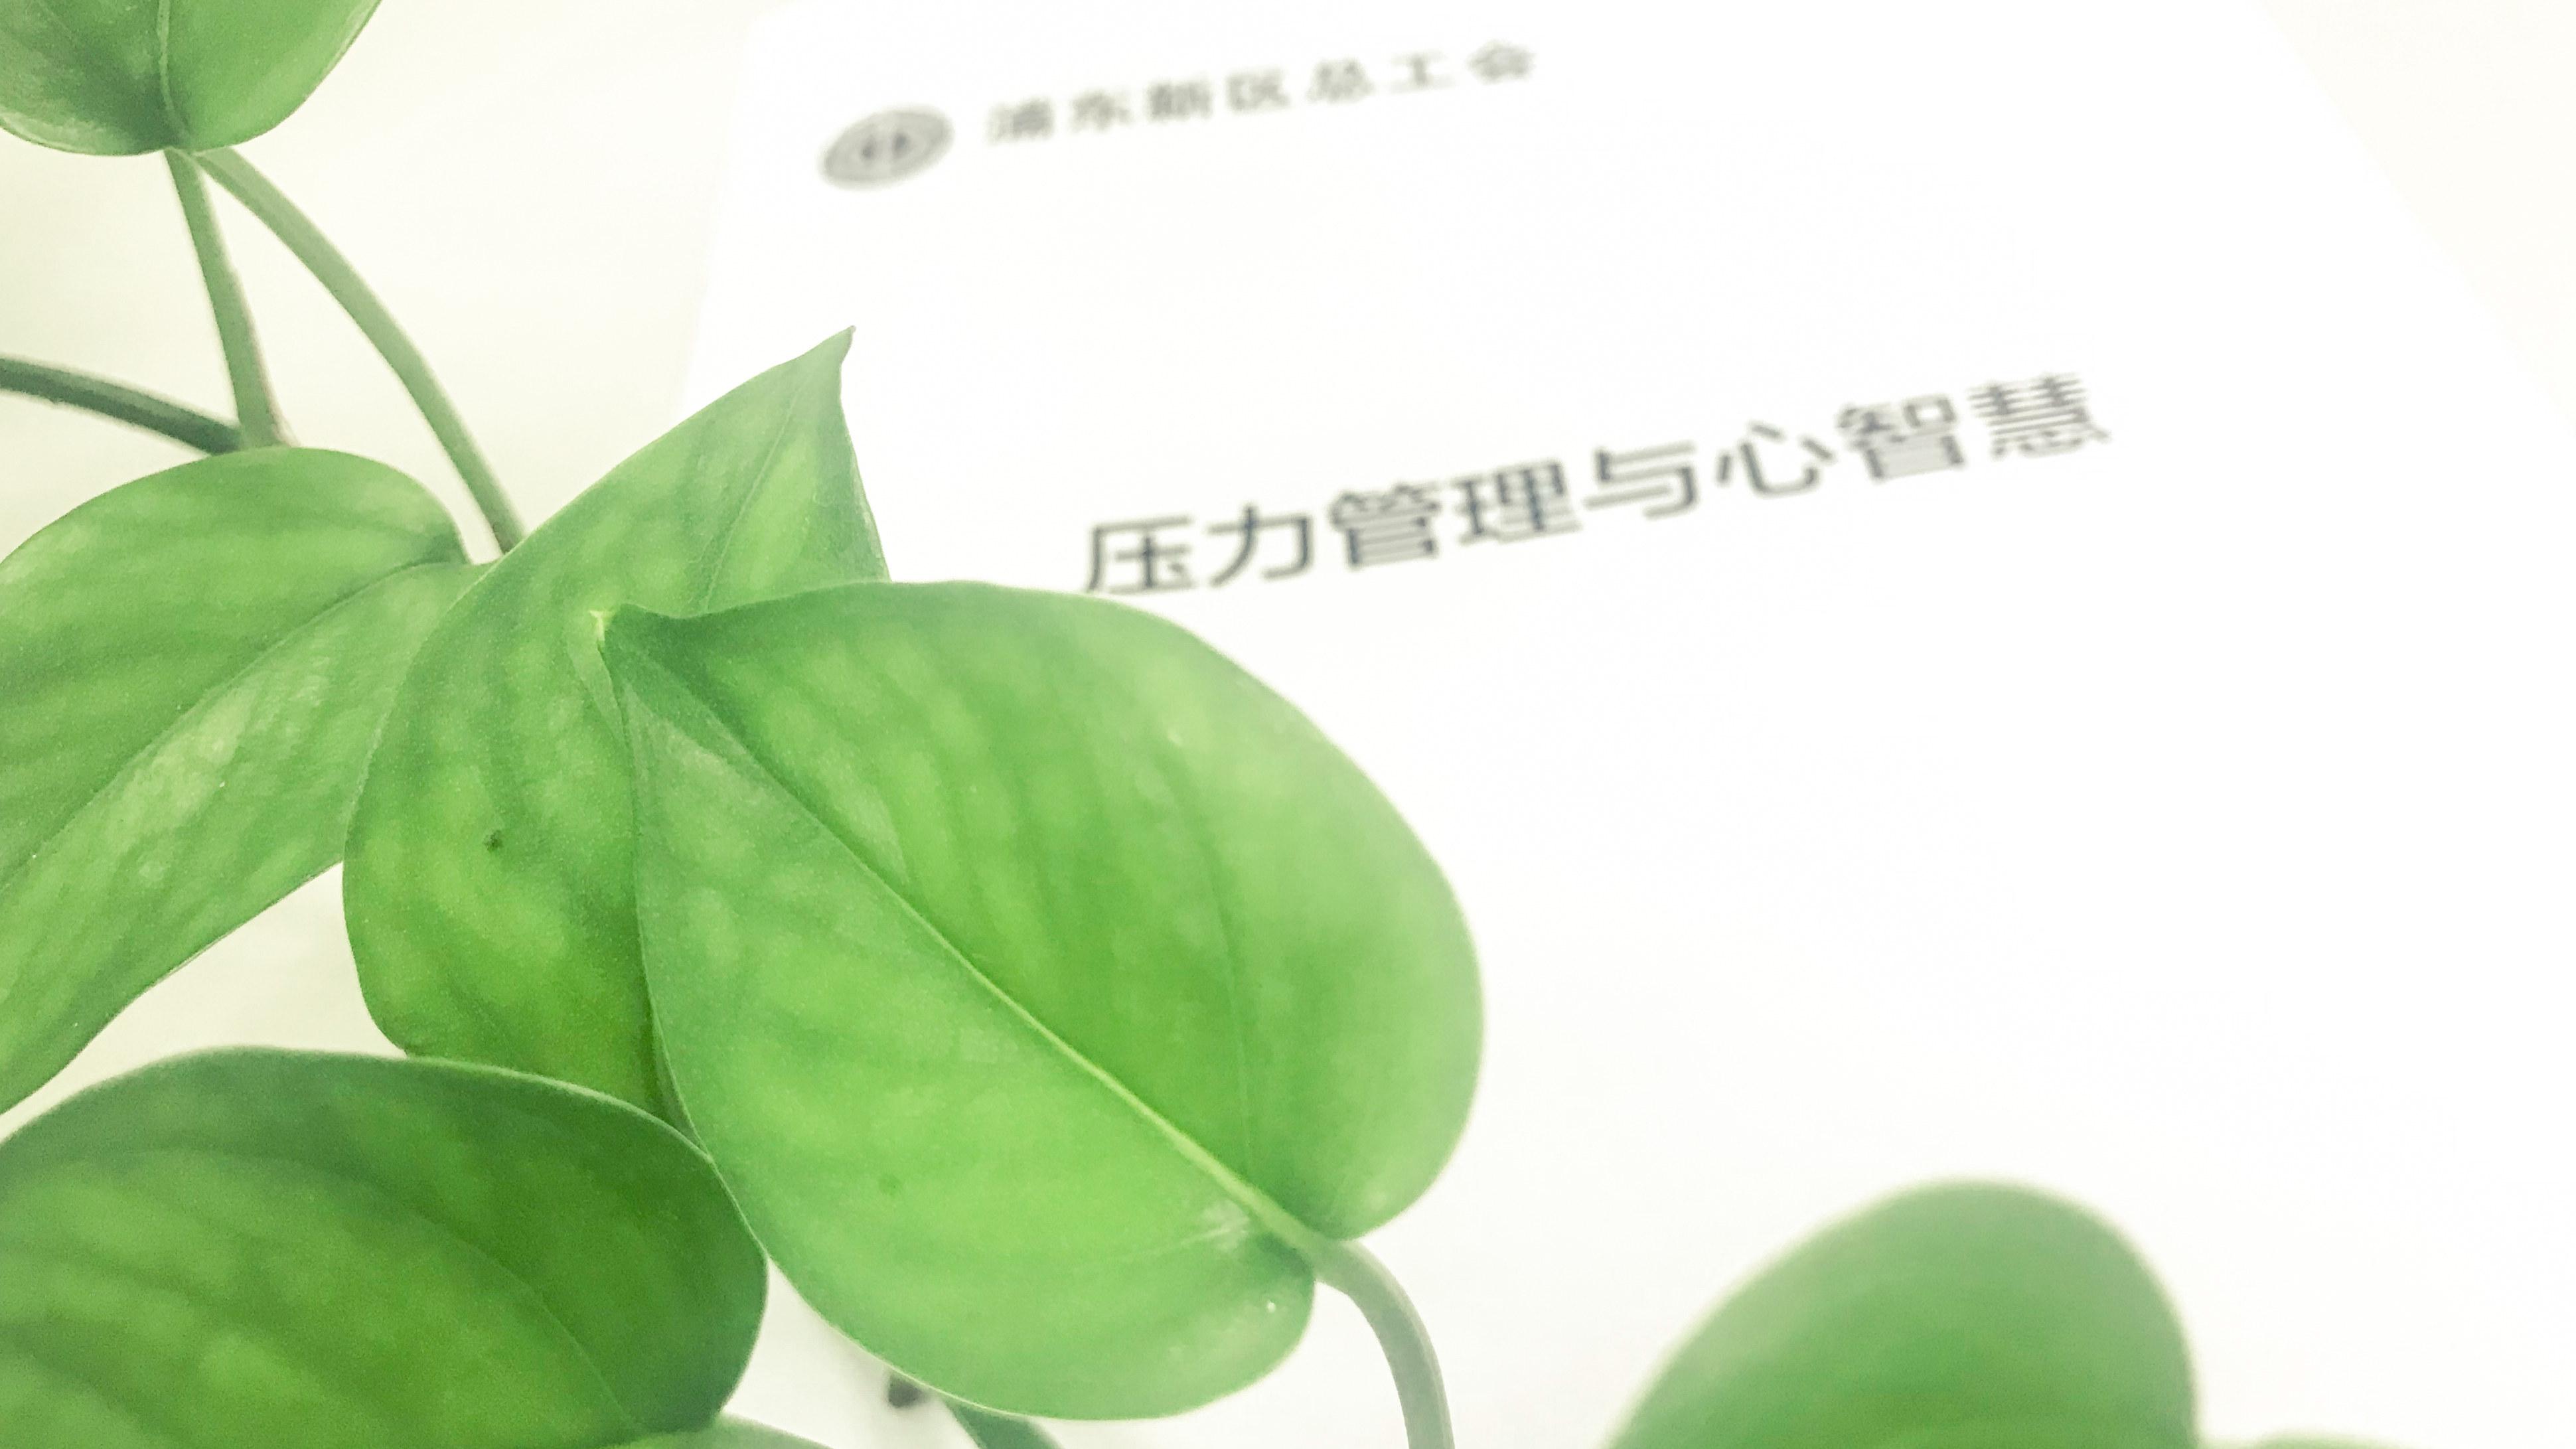 20190929110027_副本.jpg